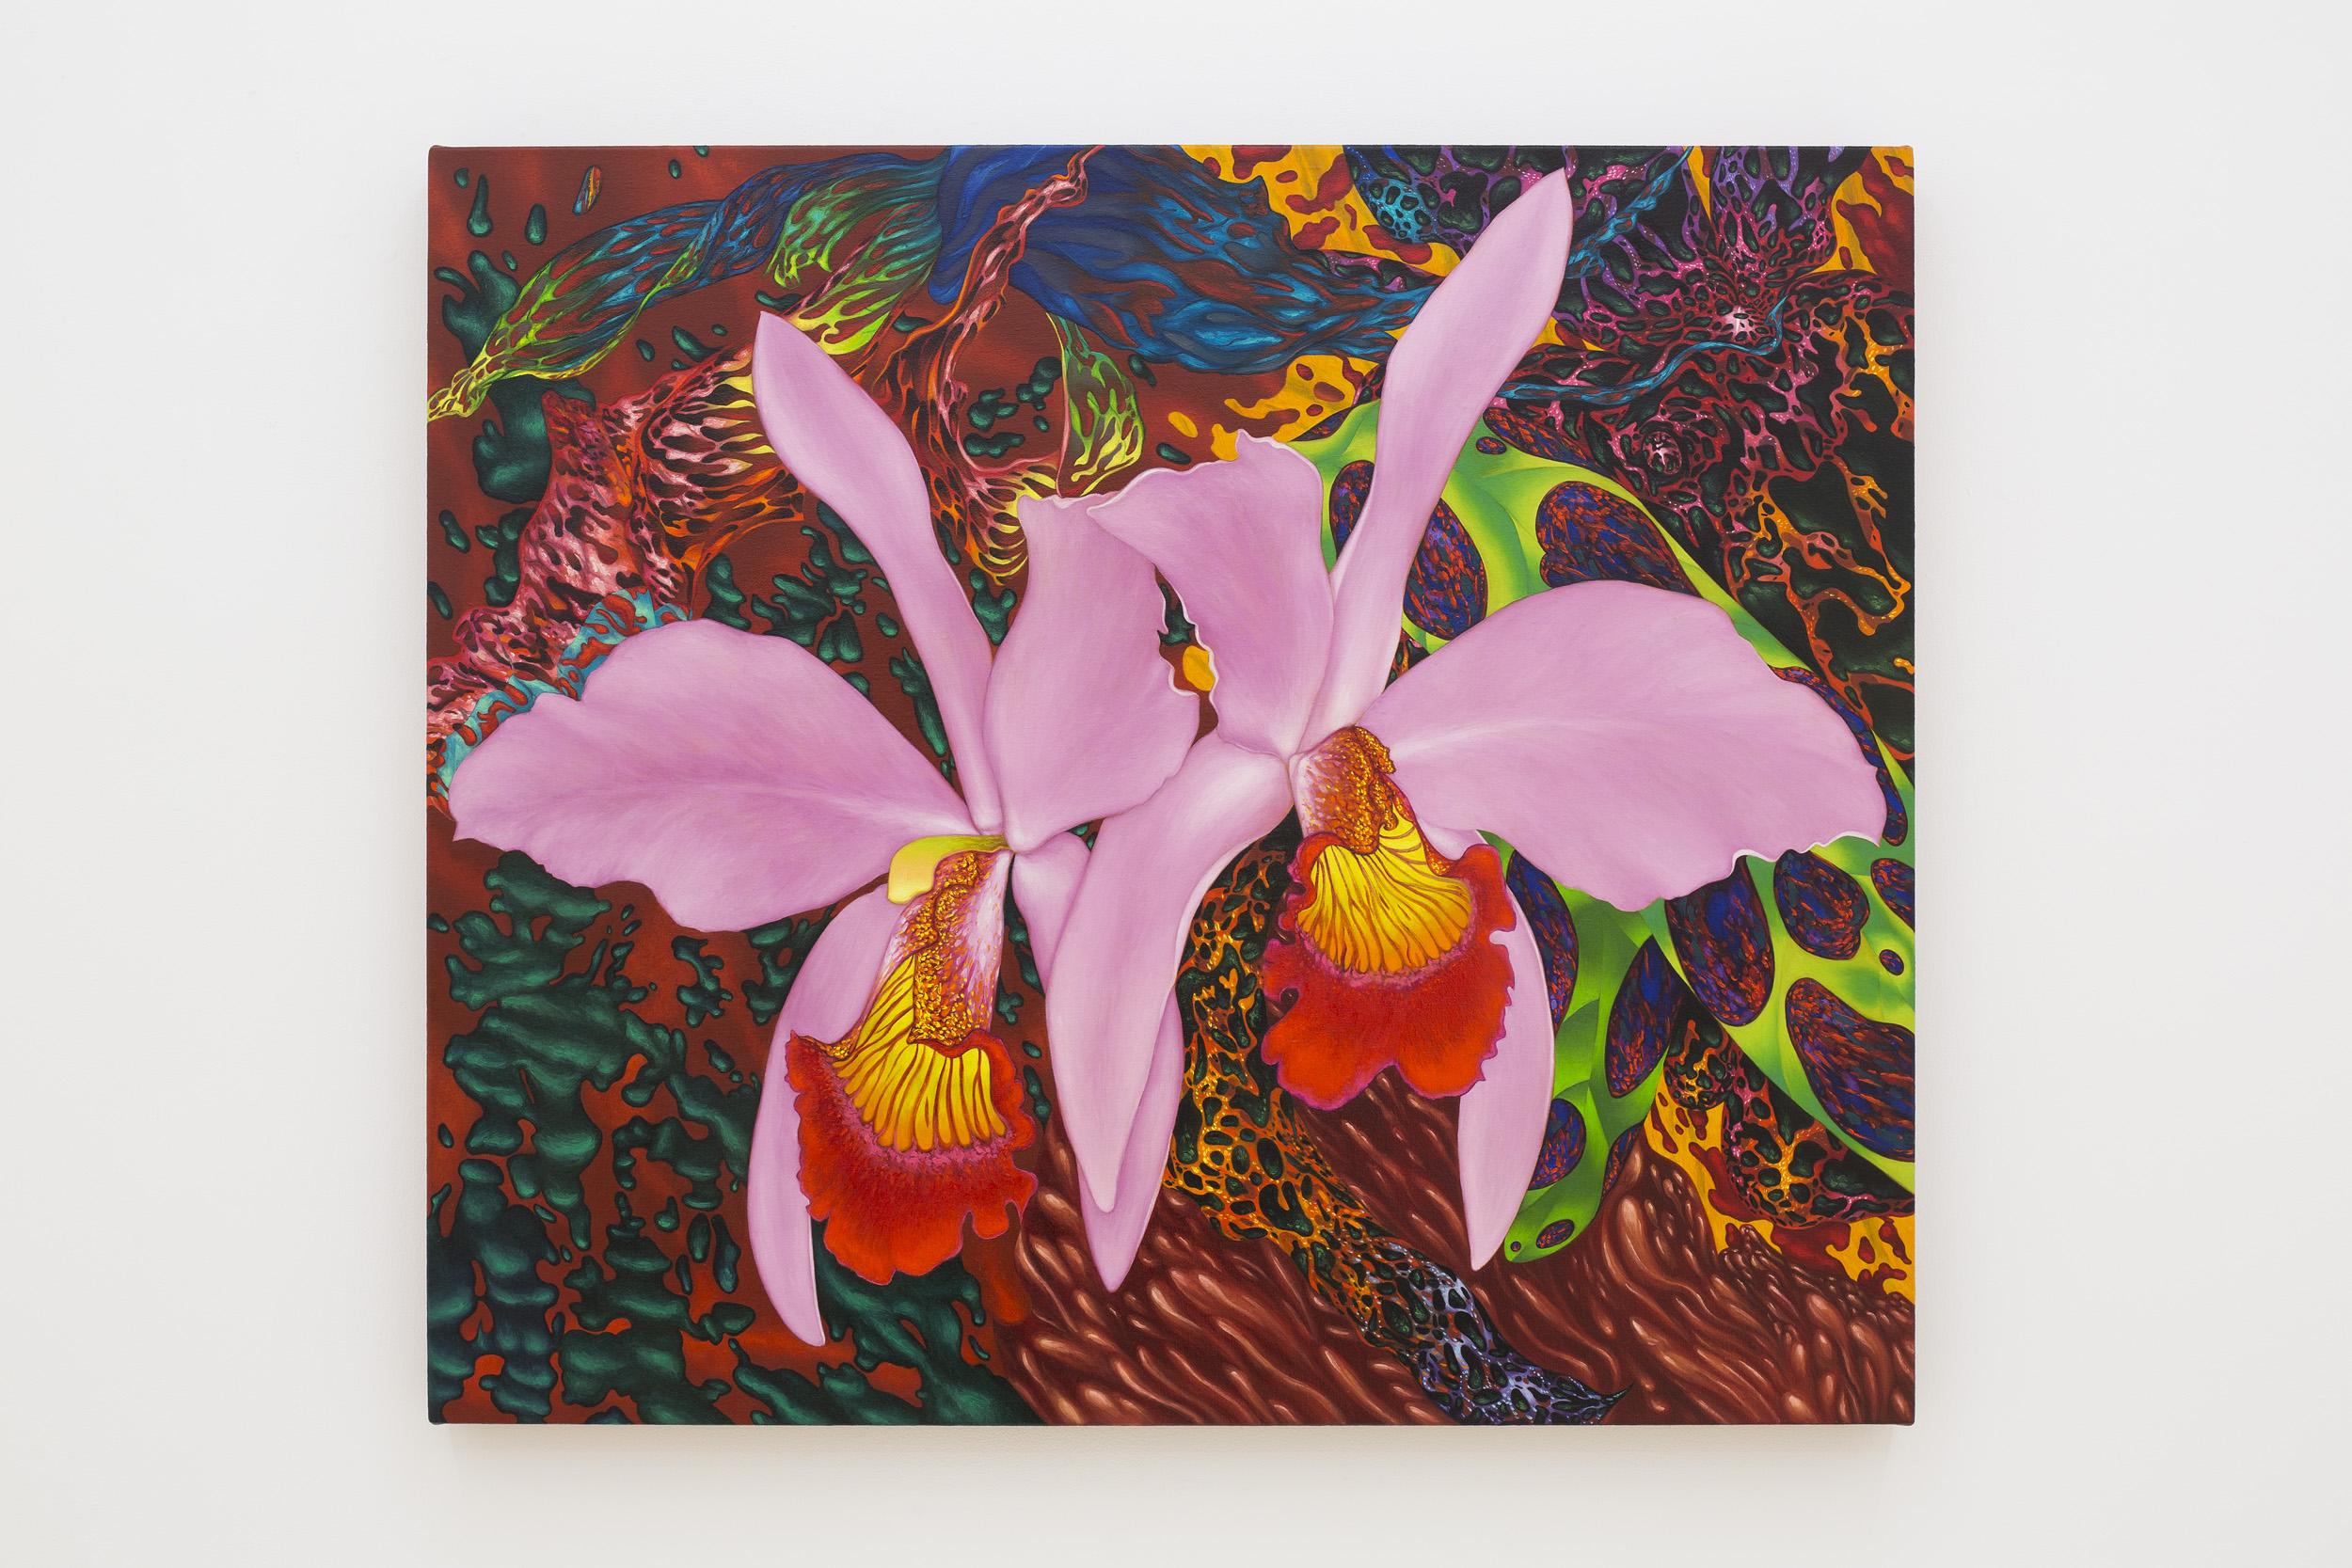 """Tom Allen """"Cattleya"""", 2017 - 2019. Oil on canvas, 58.4 x 58.5 cm (23 x 27 in.)"""